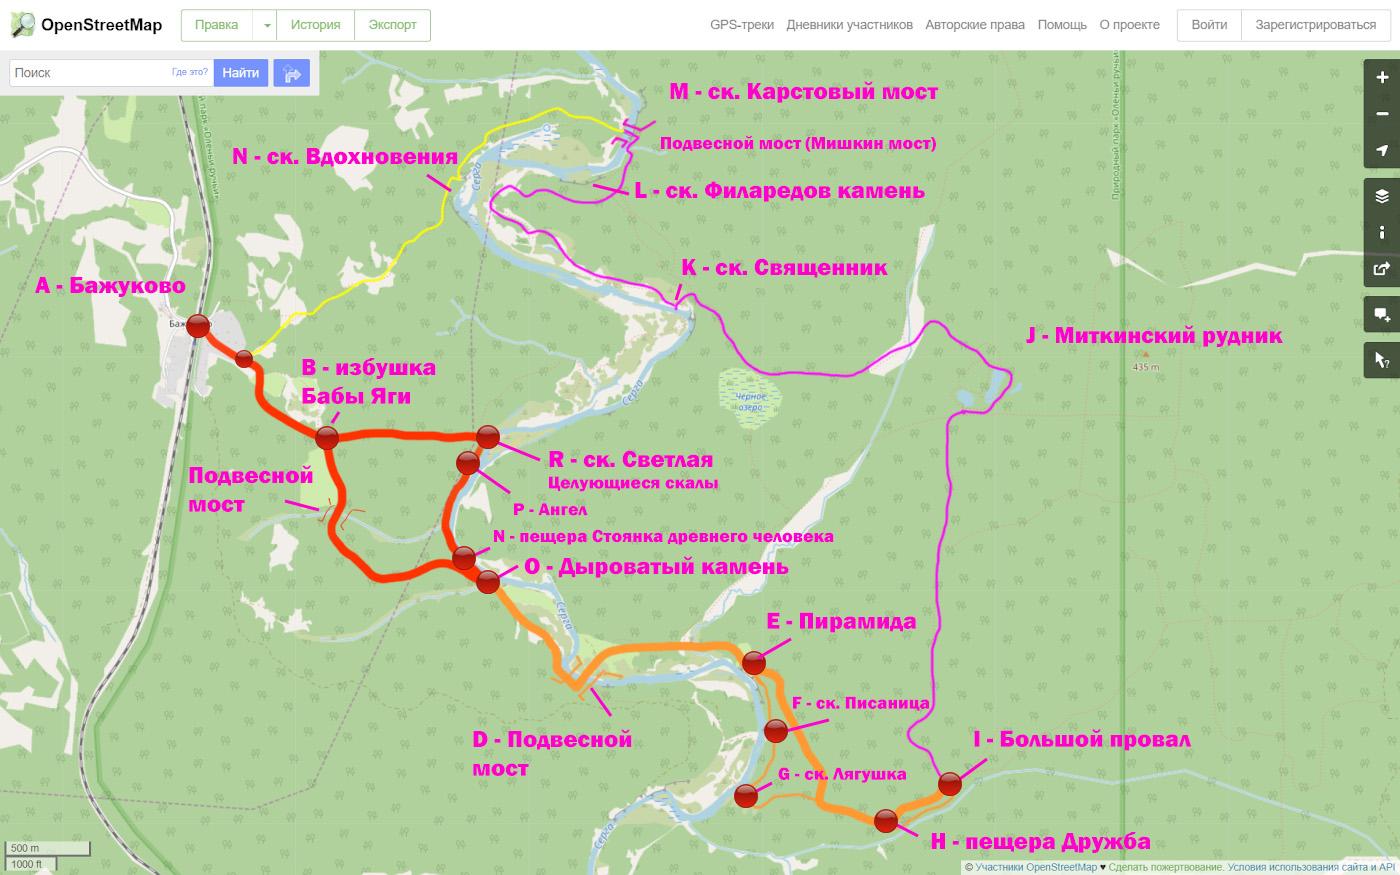 Карта со схемой пешеходных маршрутов в природном парке Оленьи ручьи.